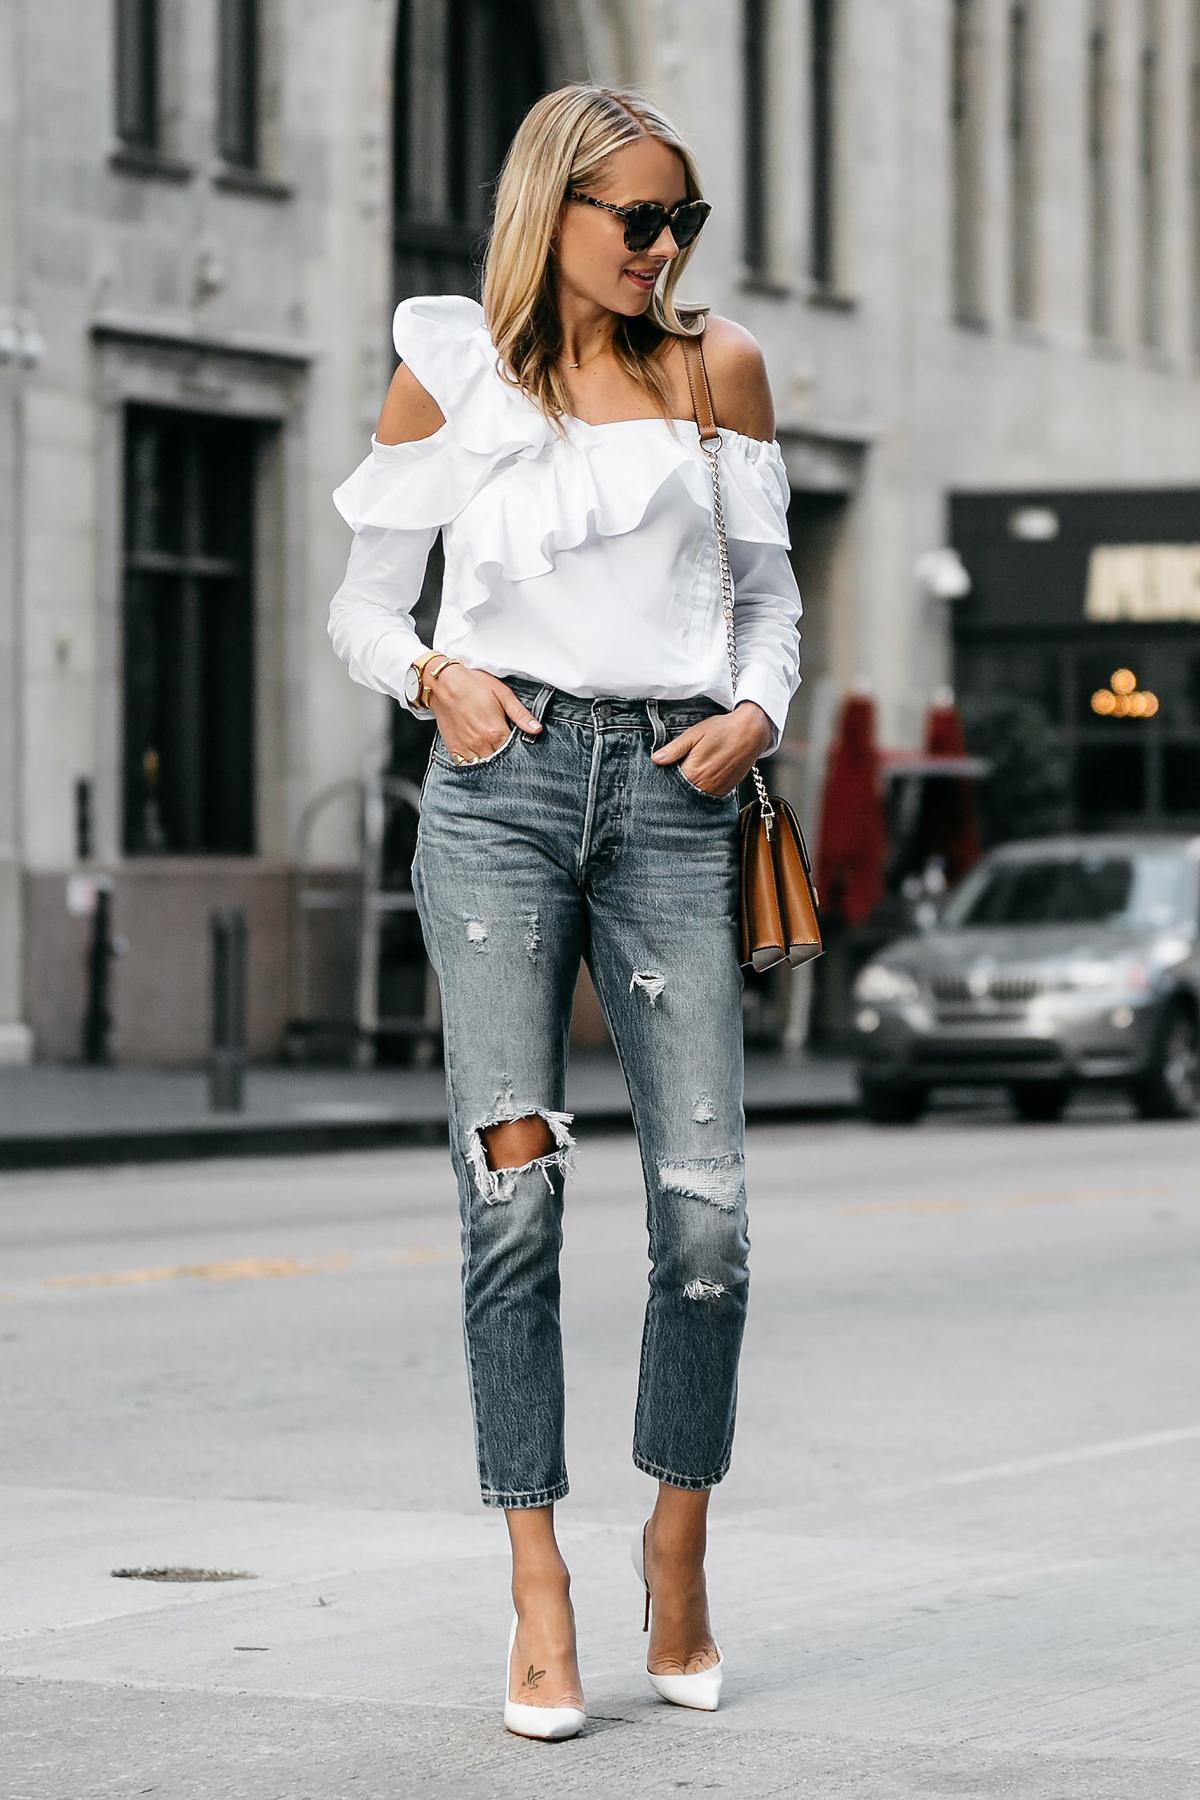 df0e086a2b Blonde Woman Wearing Shopbop White Asymmetrical Ruffle Top Levis Denim  Ripped Skinny Jeans Christian Louboutin White